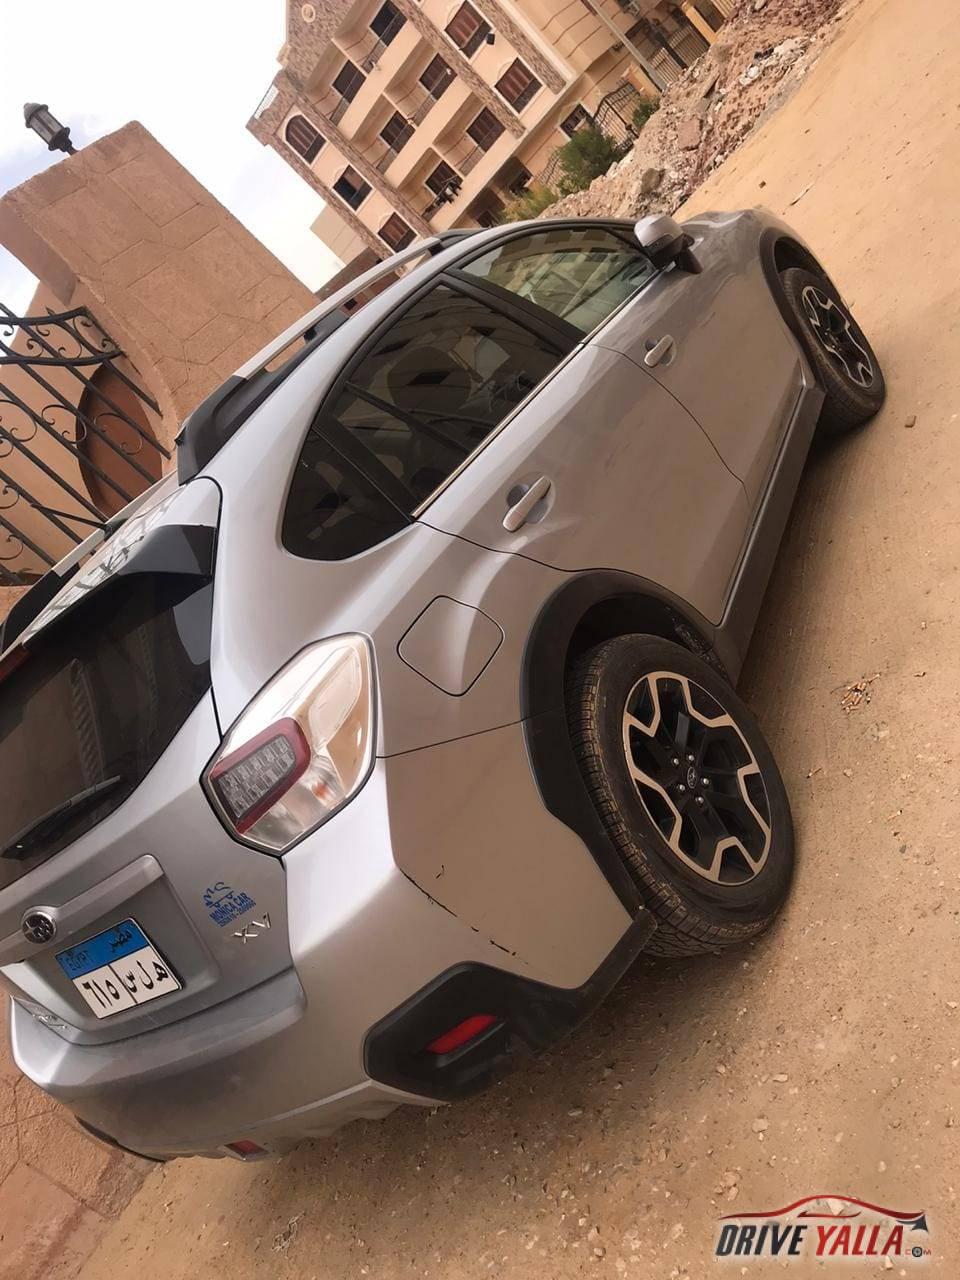 سوبارو xv  مستعملة للبيع فى مصر بالتقسيط  2016